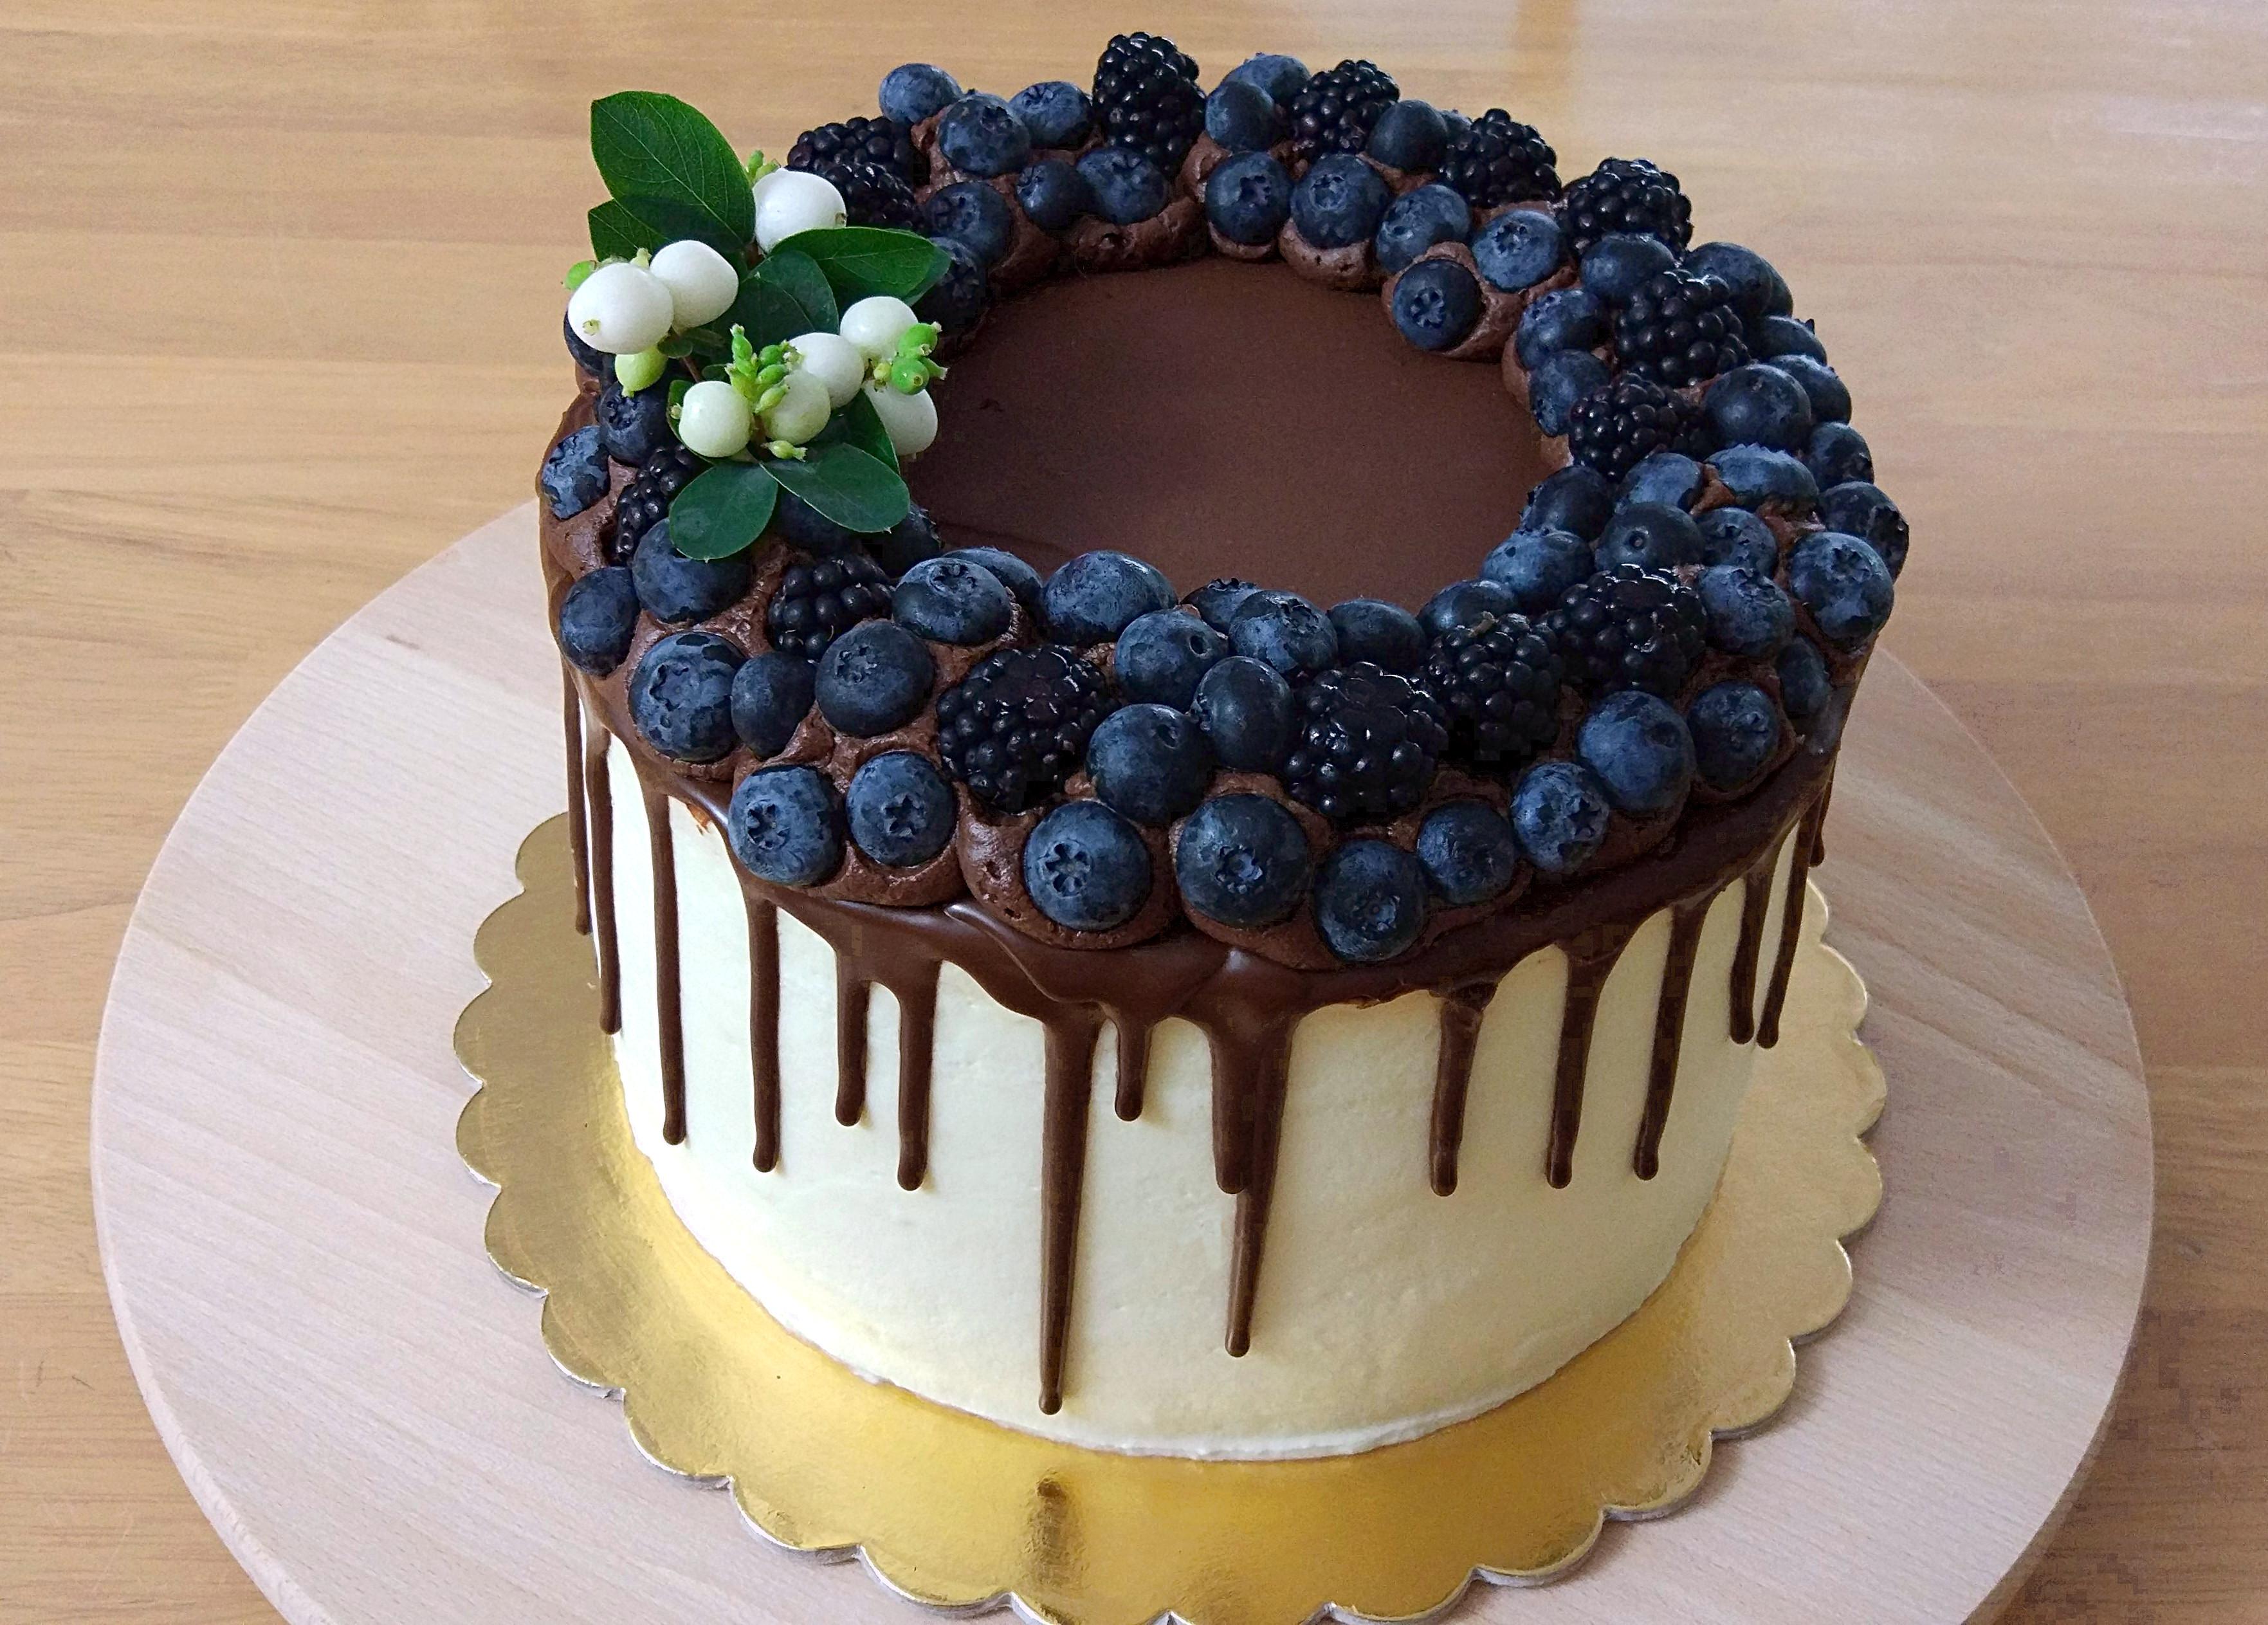 Jak Zrobić Tort W Stylu Drip Cake Słodki Blog